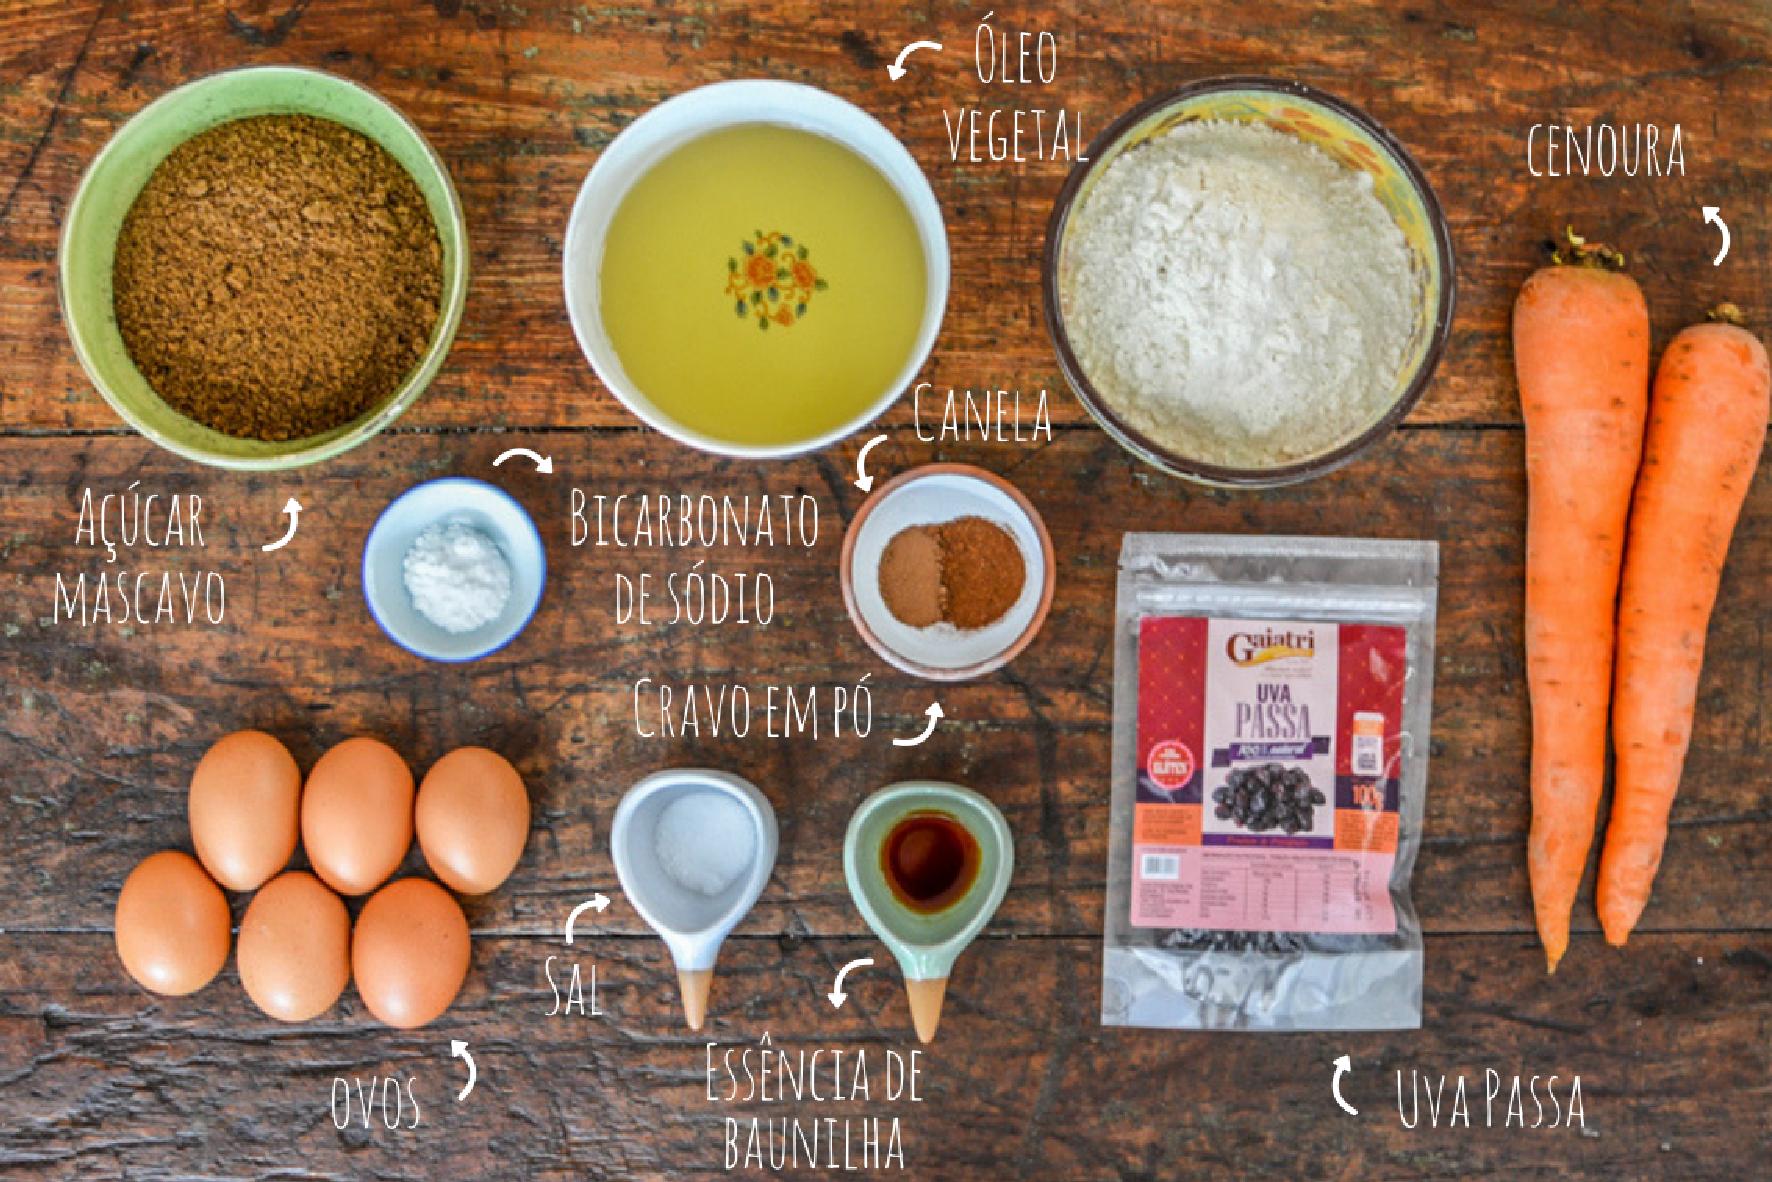 como fazer bolo de cenoura